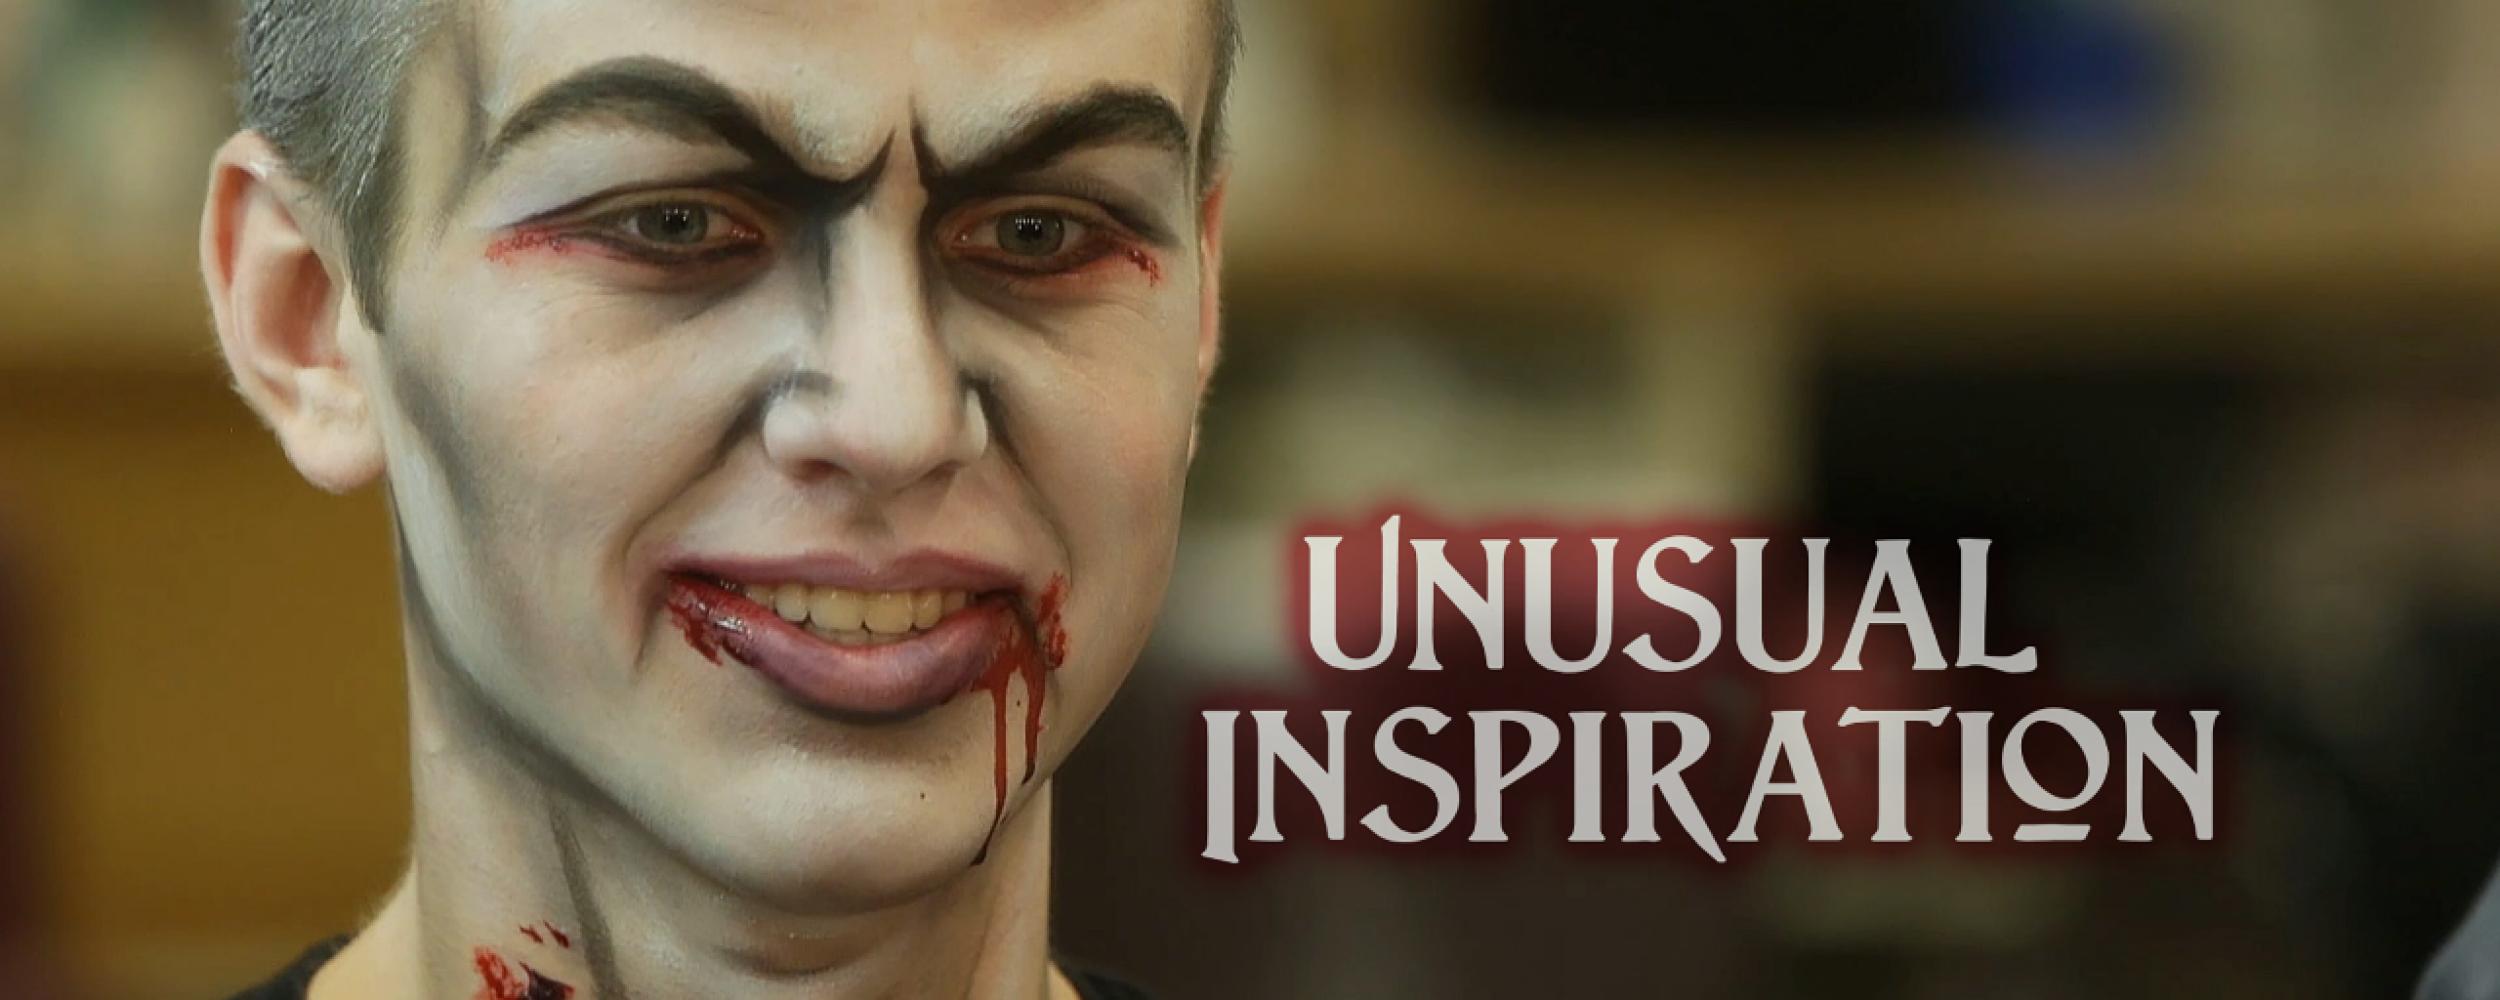 student in vampire makeup